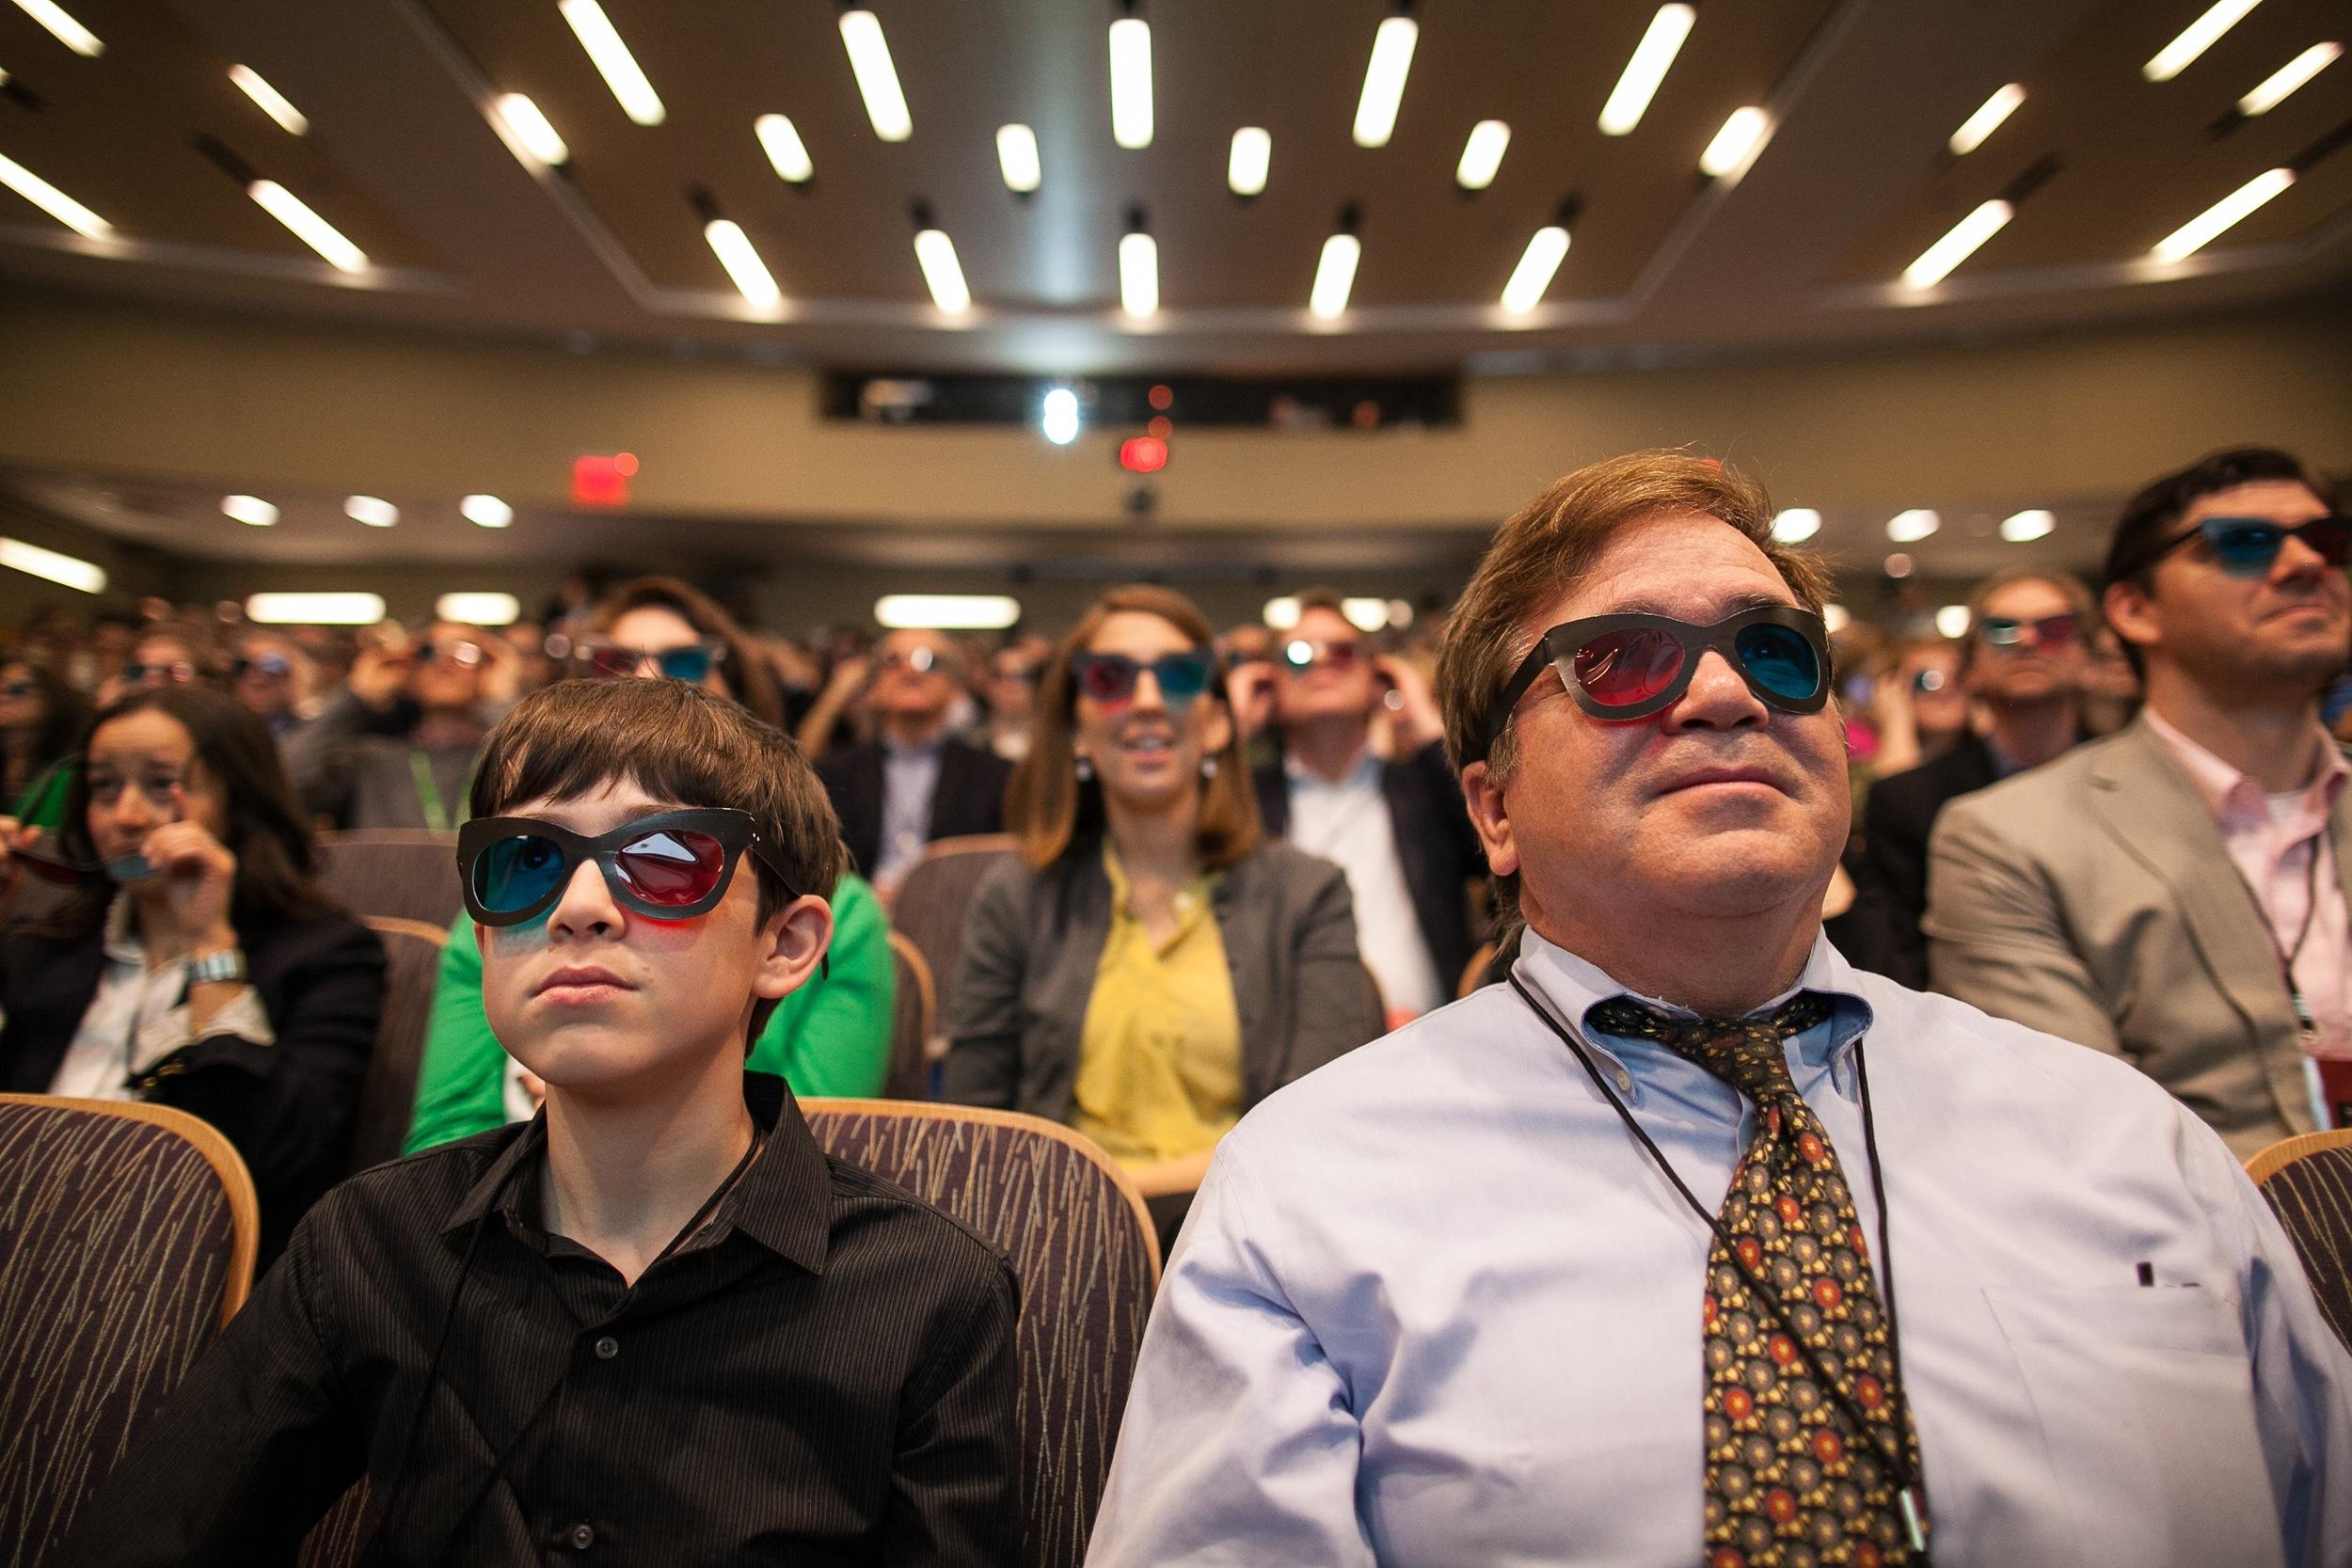 Tribeca Disruptive Innovation Awards 2013 - 099.jpg